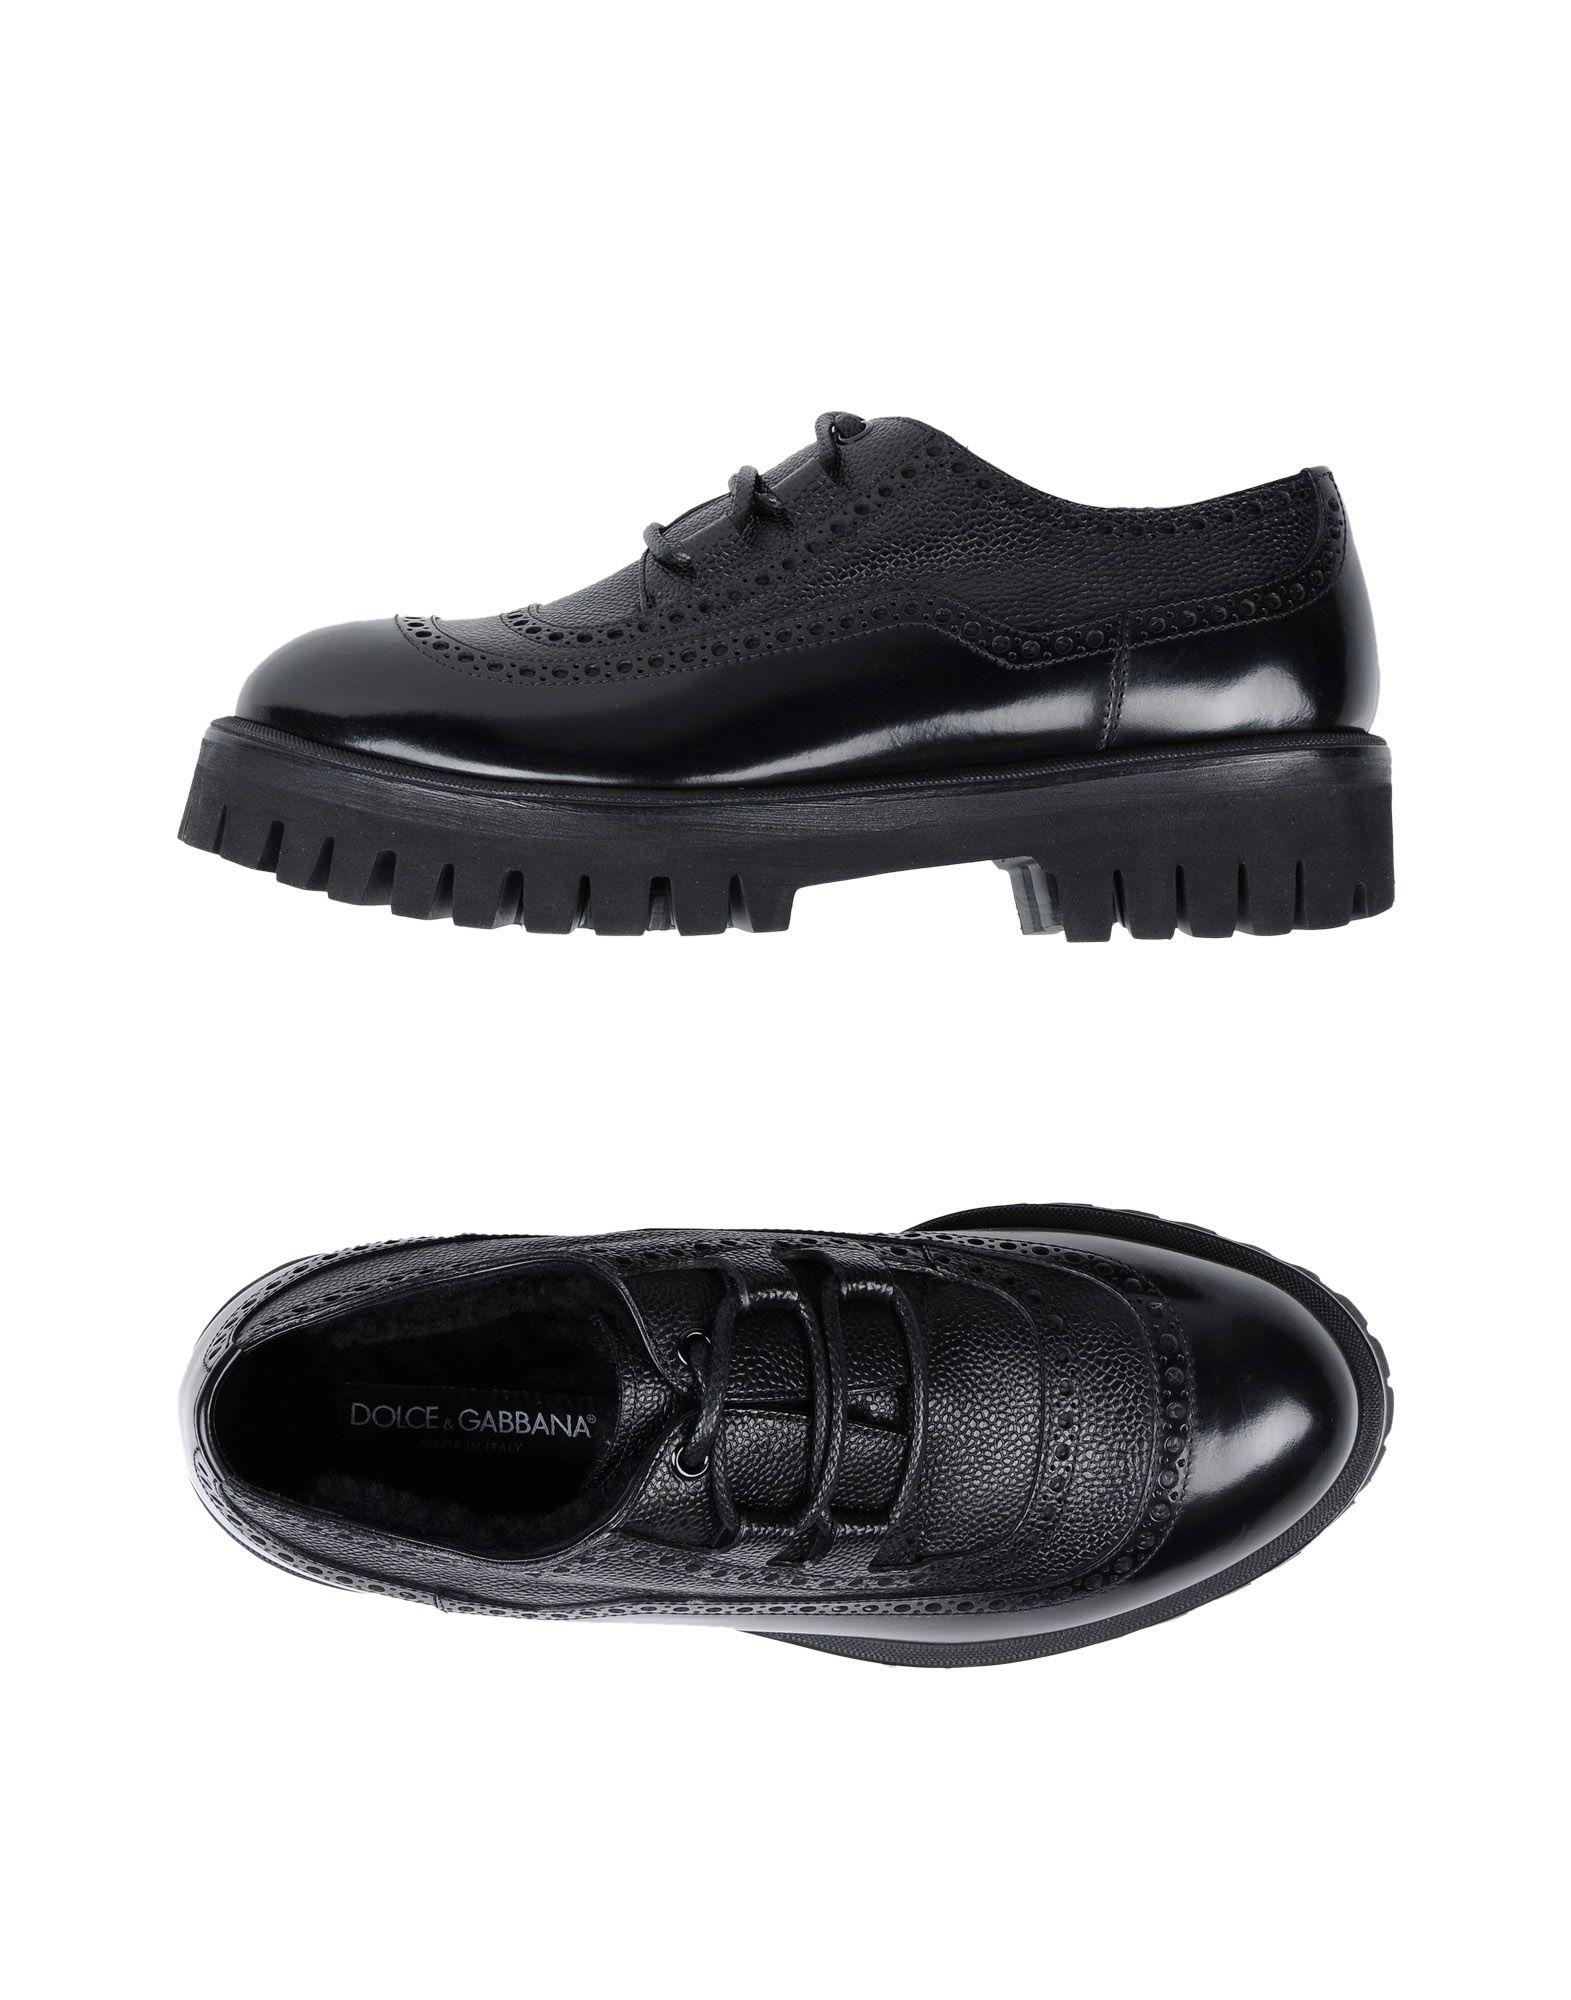 Dolce & Gabbana Schnürschuhe Herren  11519999HI Gute Qualität beliebte Schuhe